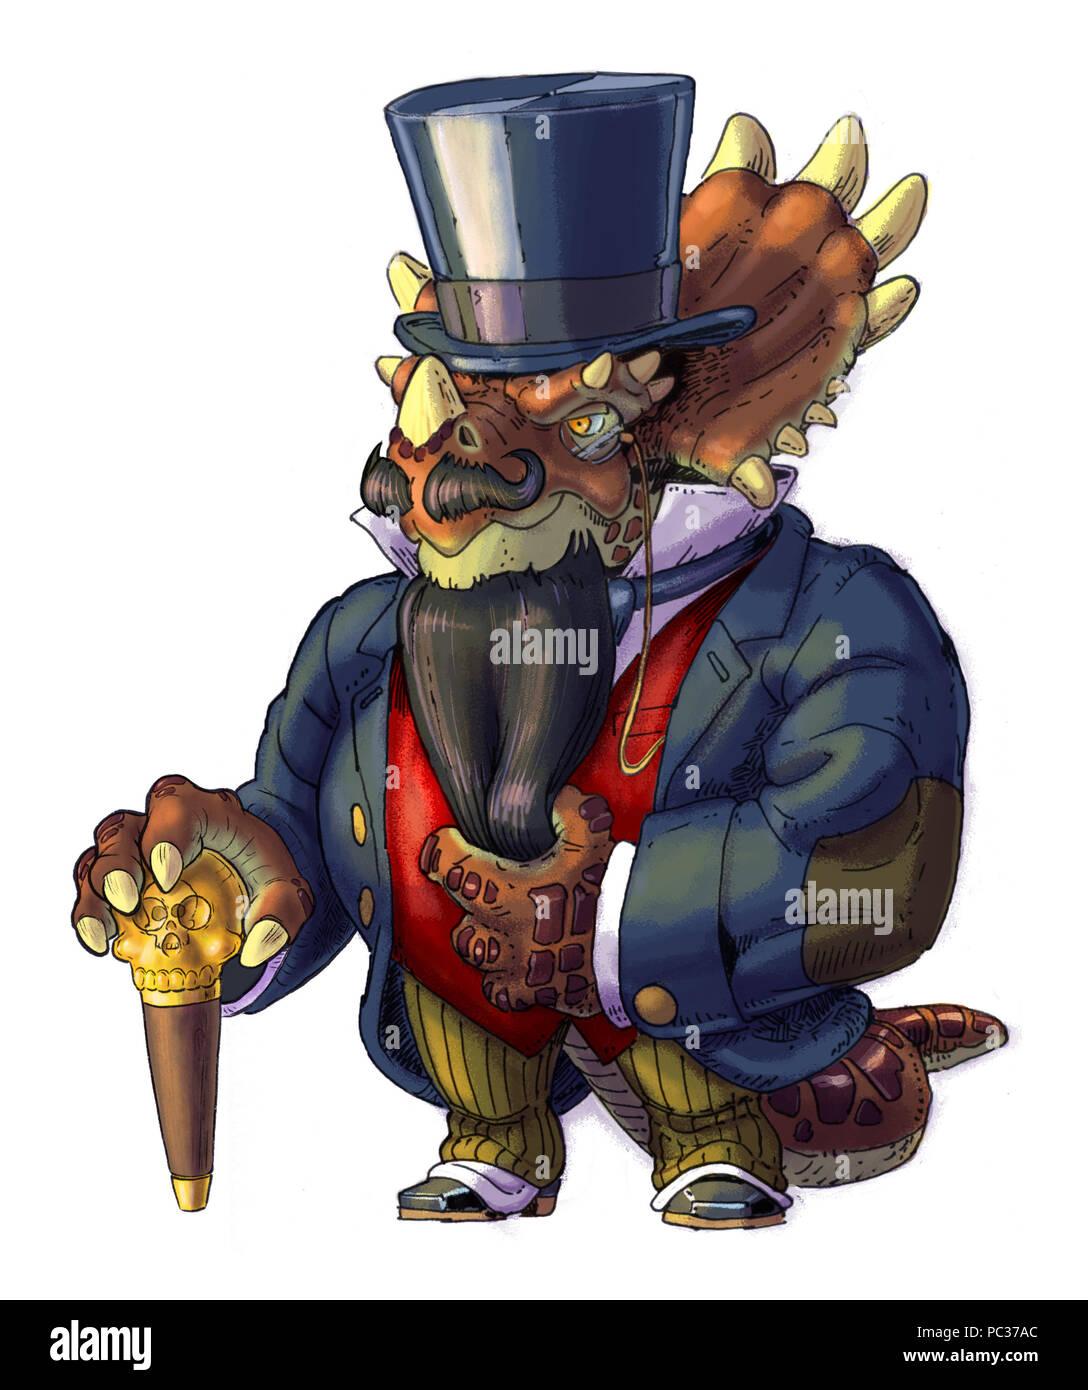 Disegnata a mano cartoon clip art illustrazione antropomorfo steampunk dinosauro Styracosaurus indossando vestiti in stile vittoriano con la barba, top hat e un Immagini Stock